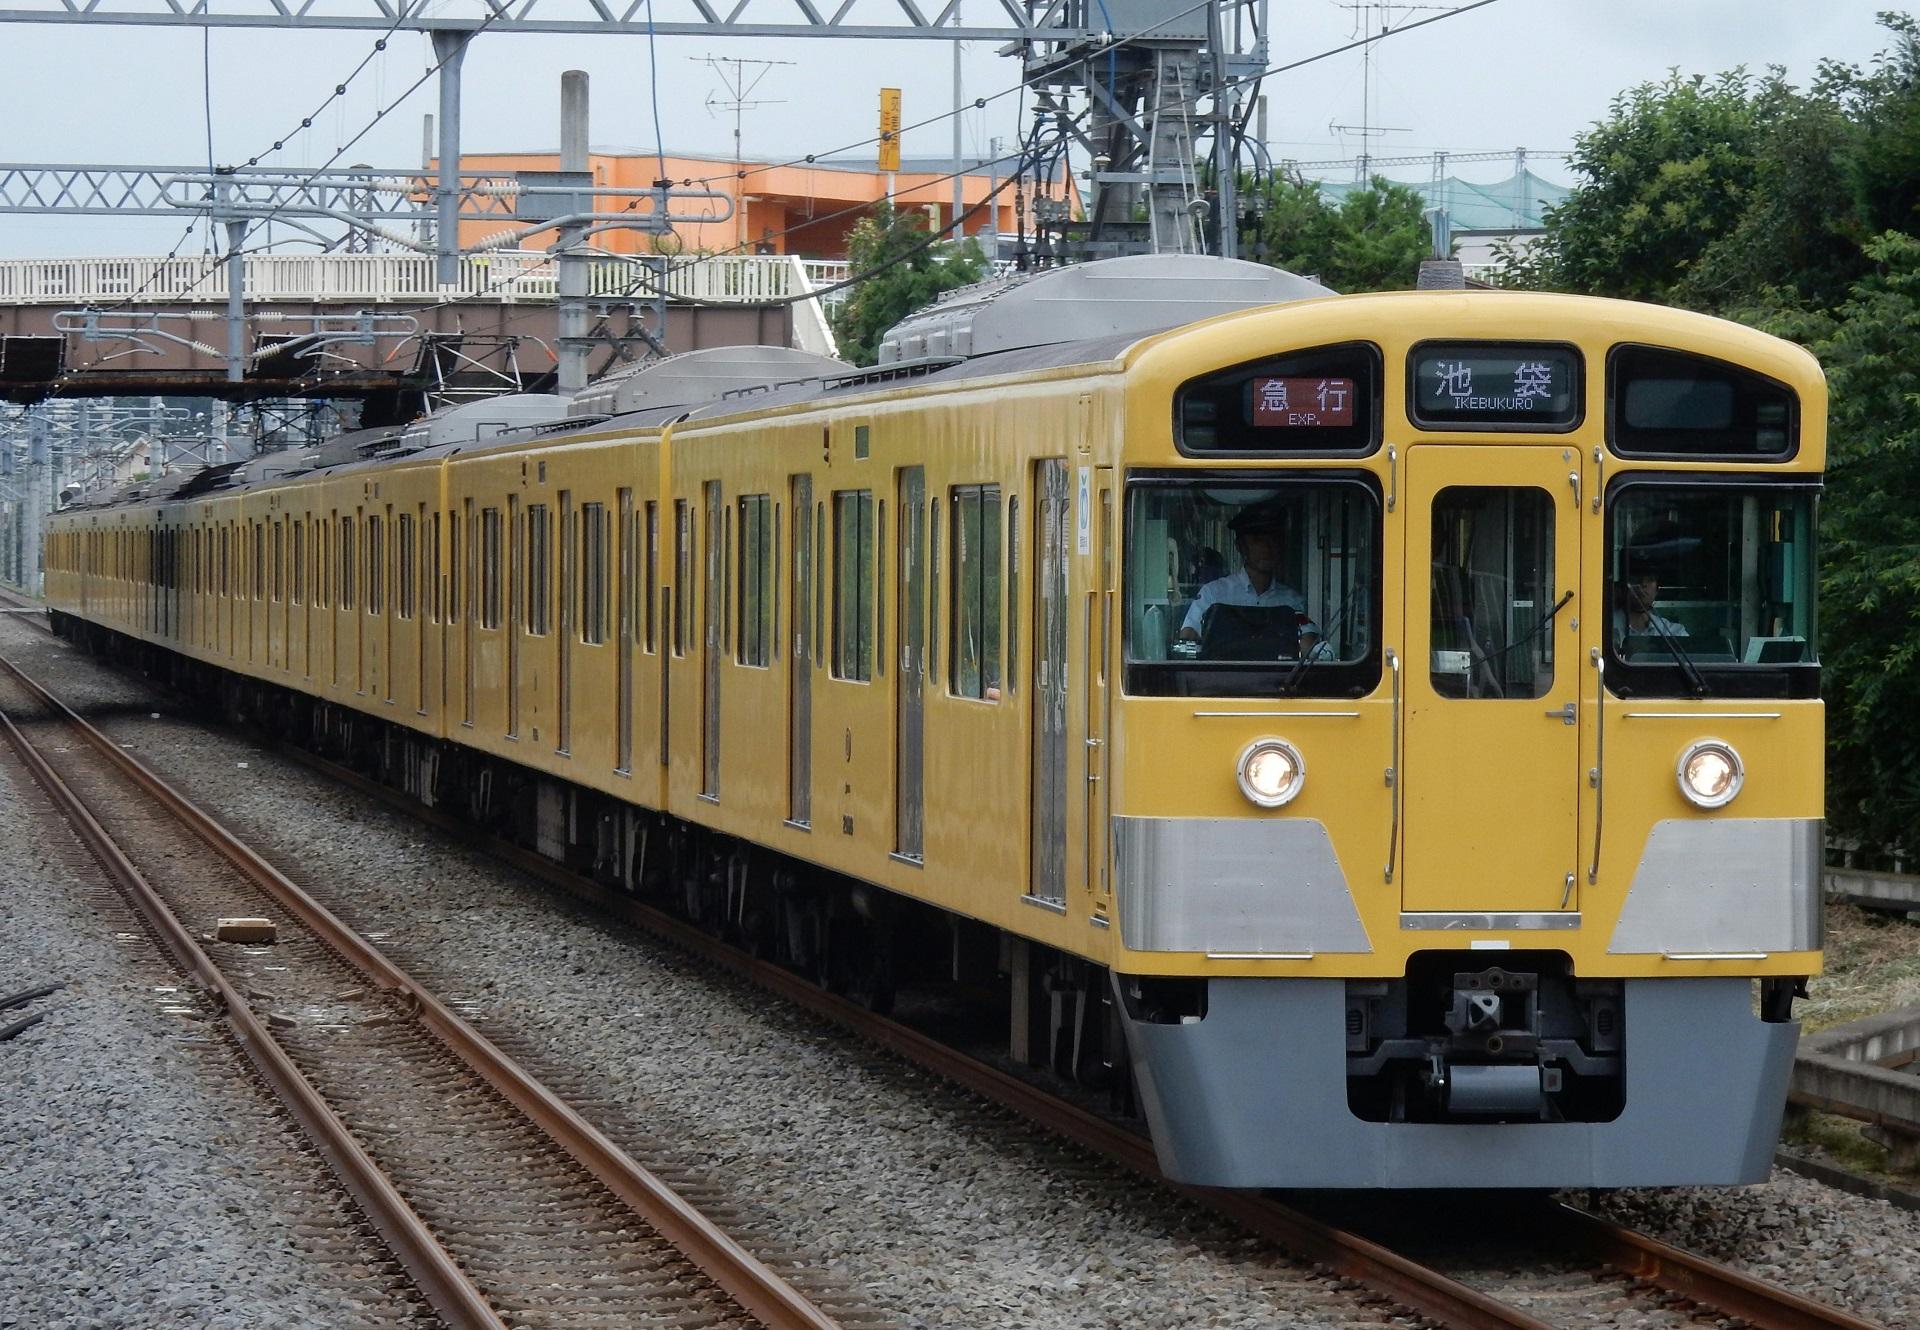 DSCN3679 - コピー